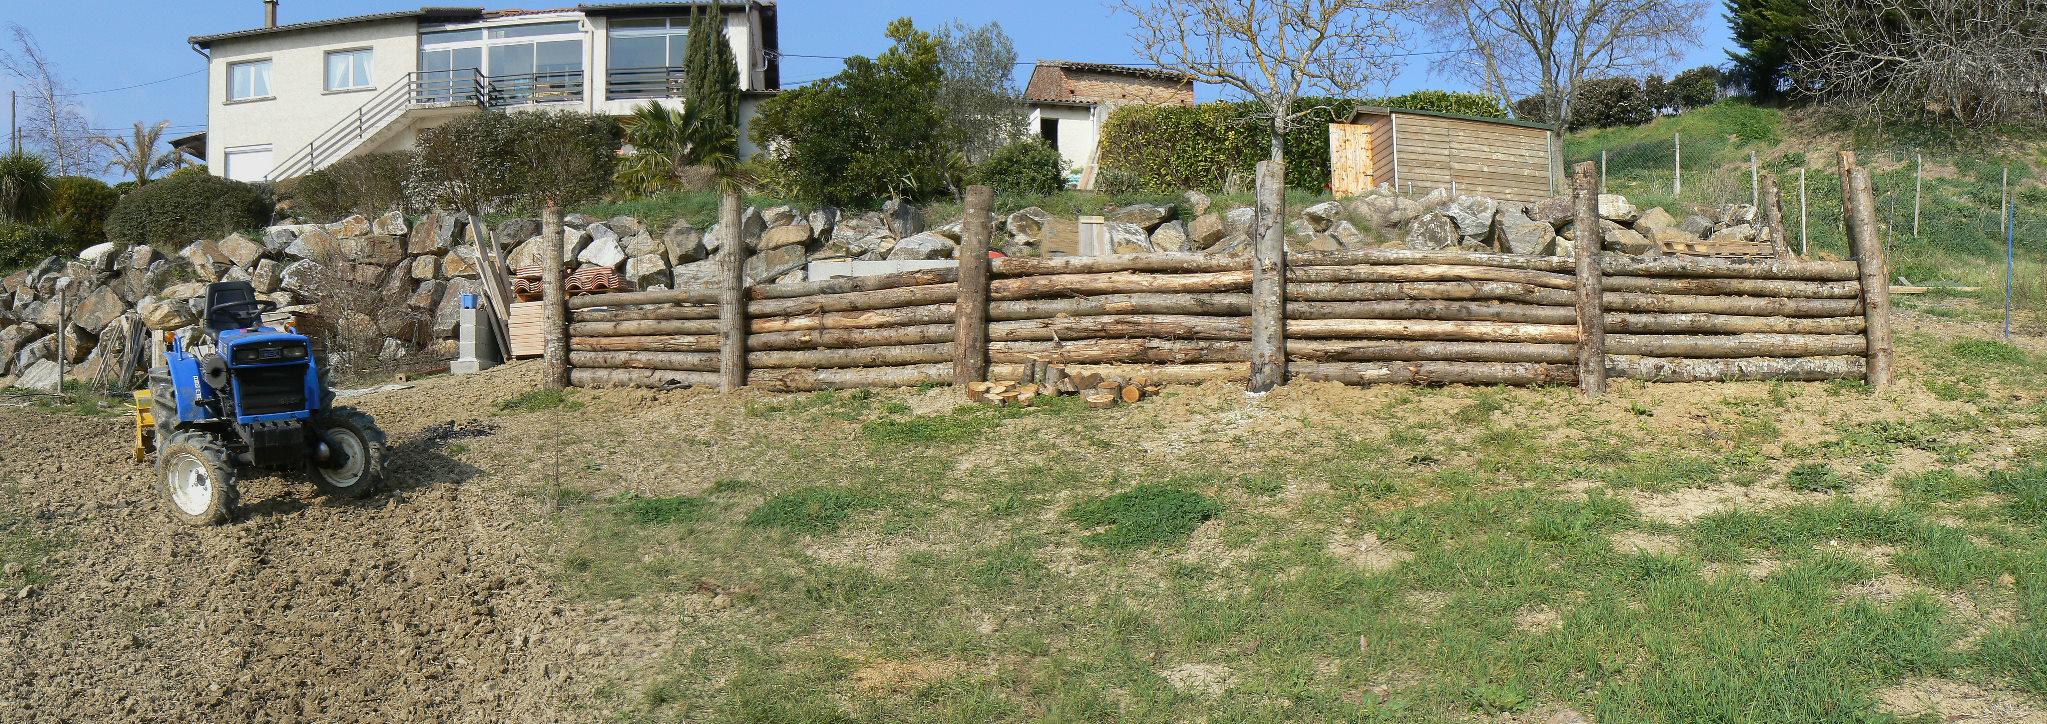 Construire Un Muret En Bois Fabriquer Salon De Jardin En Palette ~ Habiller  Un Mur En Parpaing Exterieur Avec Du Boi